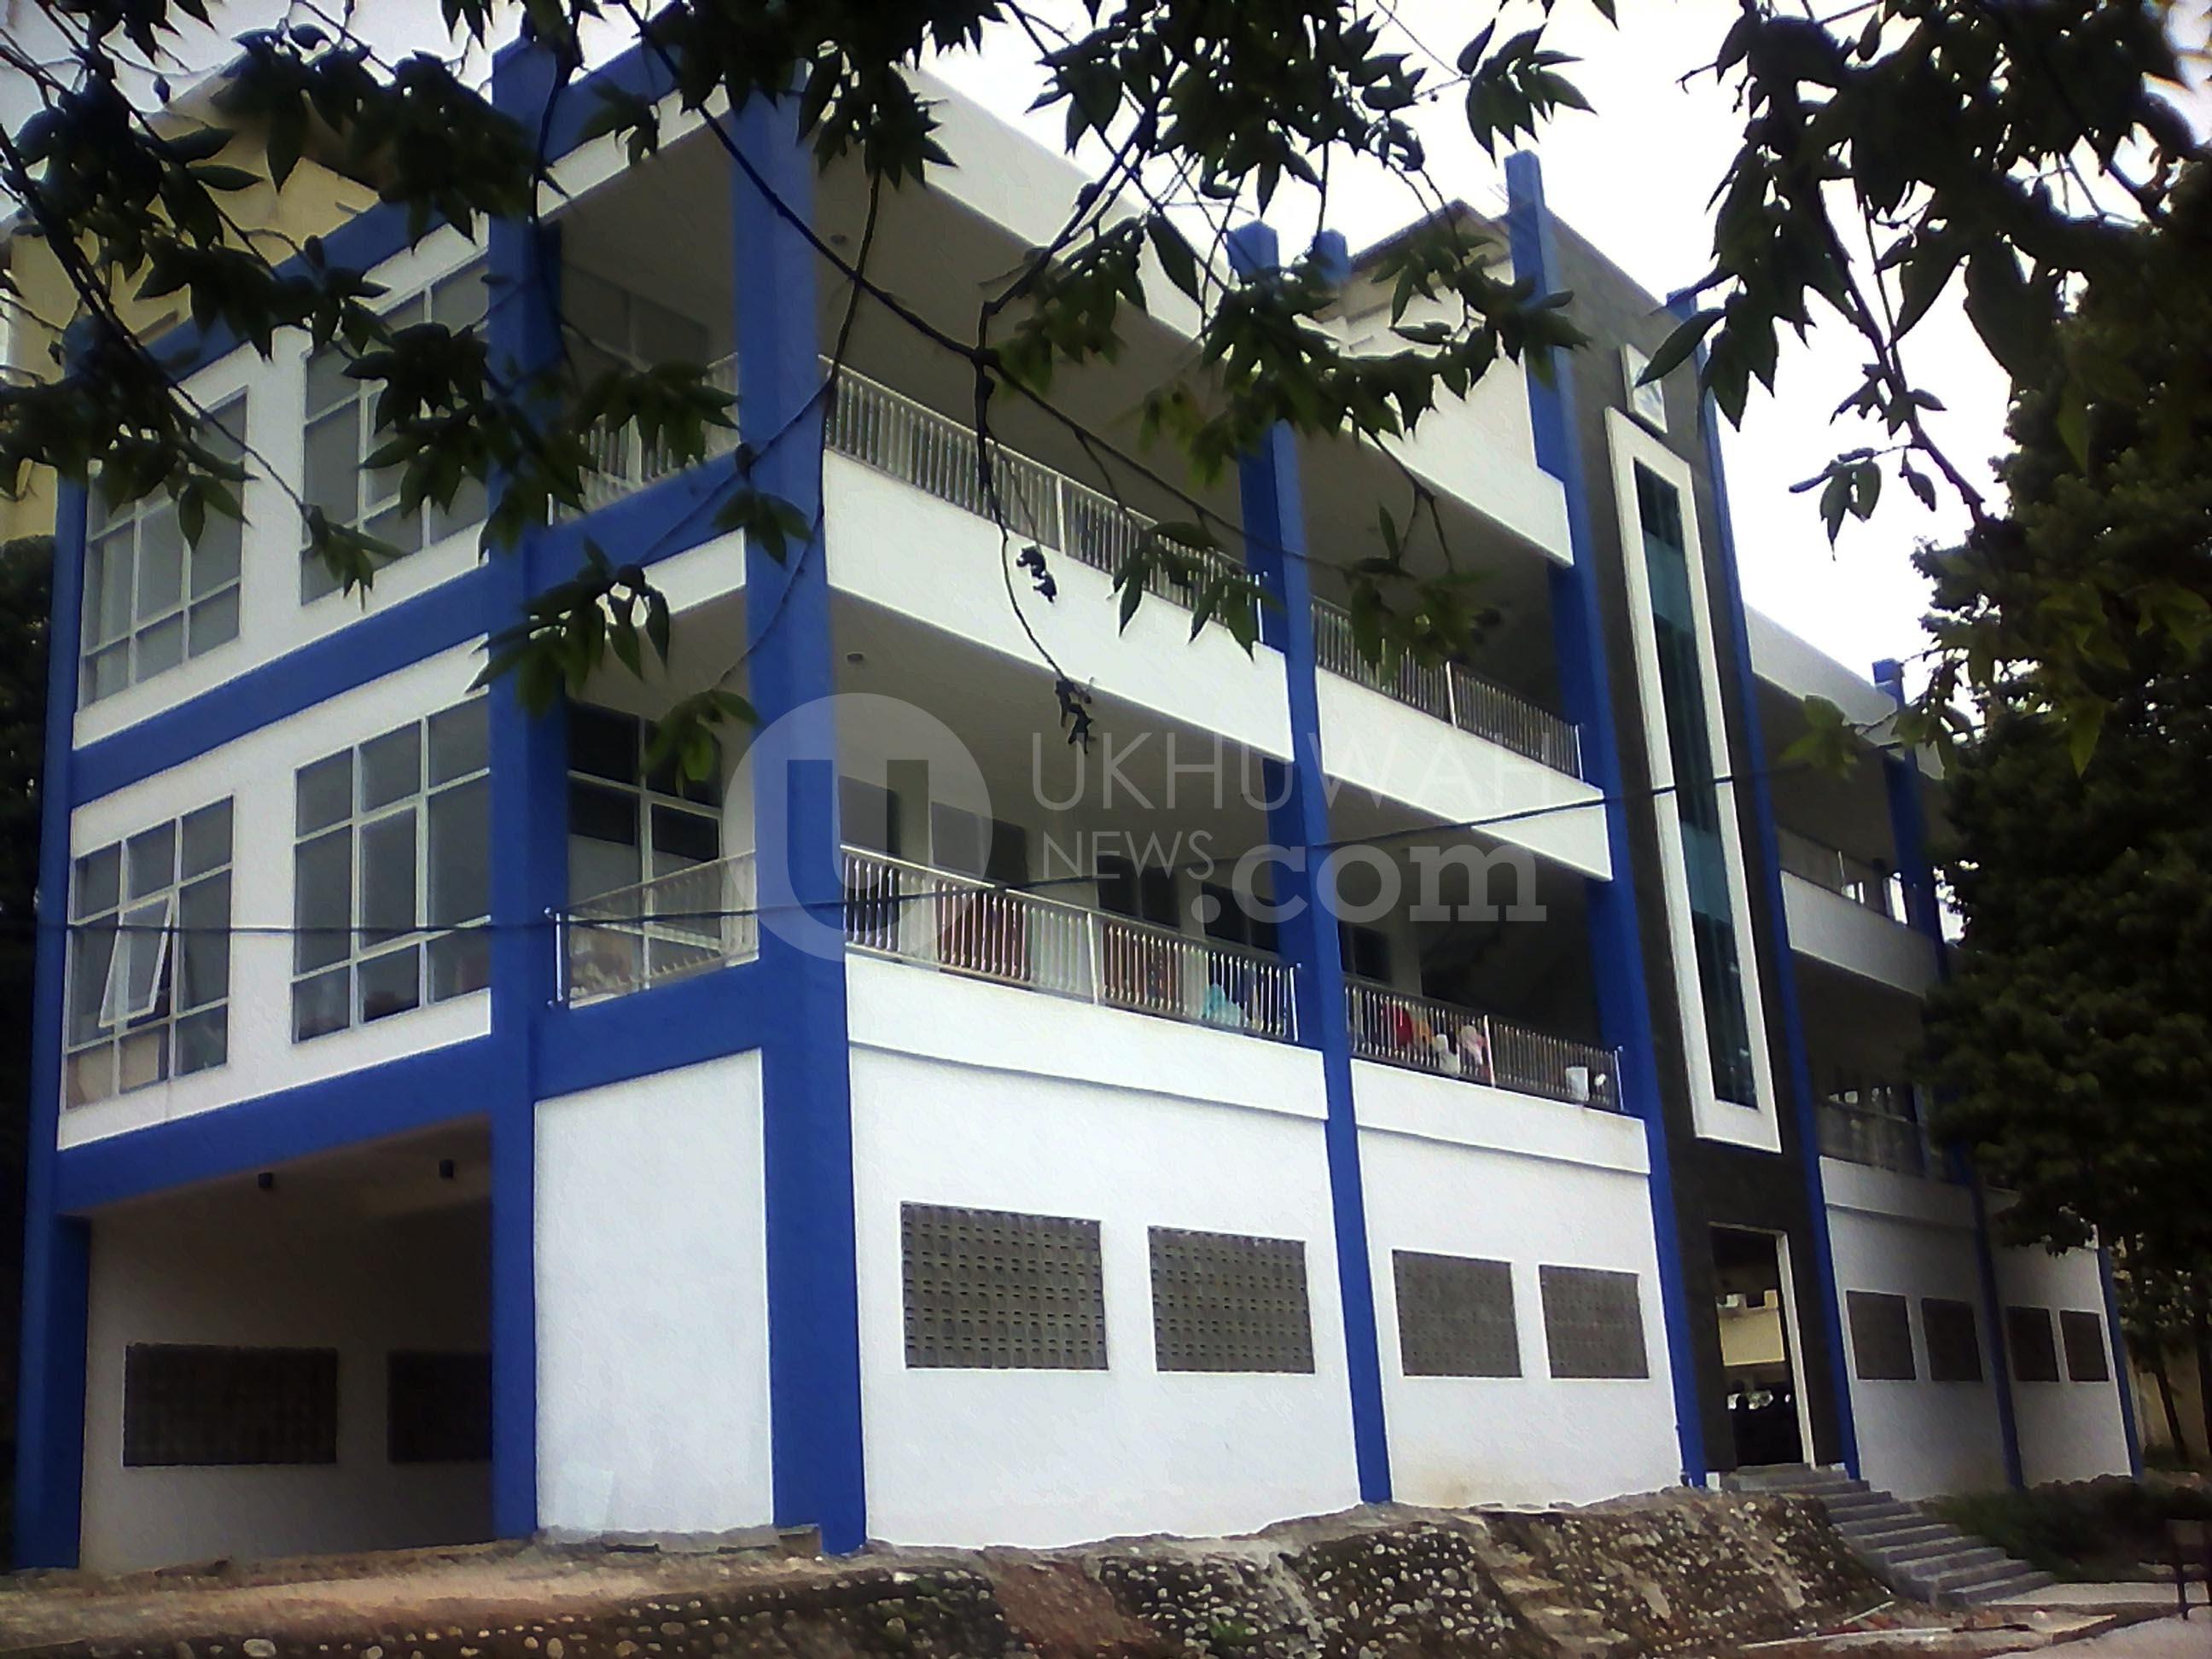 SAINTEK- Terlihat gedung Fakultas Saitentek yang baru selesai pembangunannya, sudah mulai dapat ditempati, Jum'at (10/2/17). Ukhuwahnews/Alfiansyah